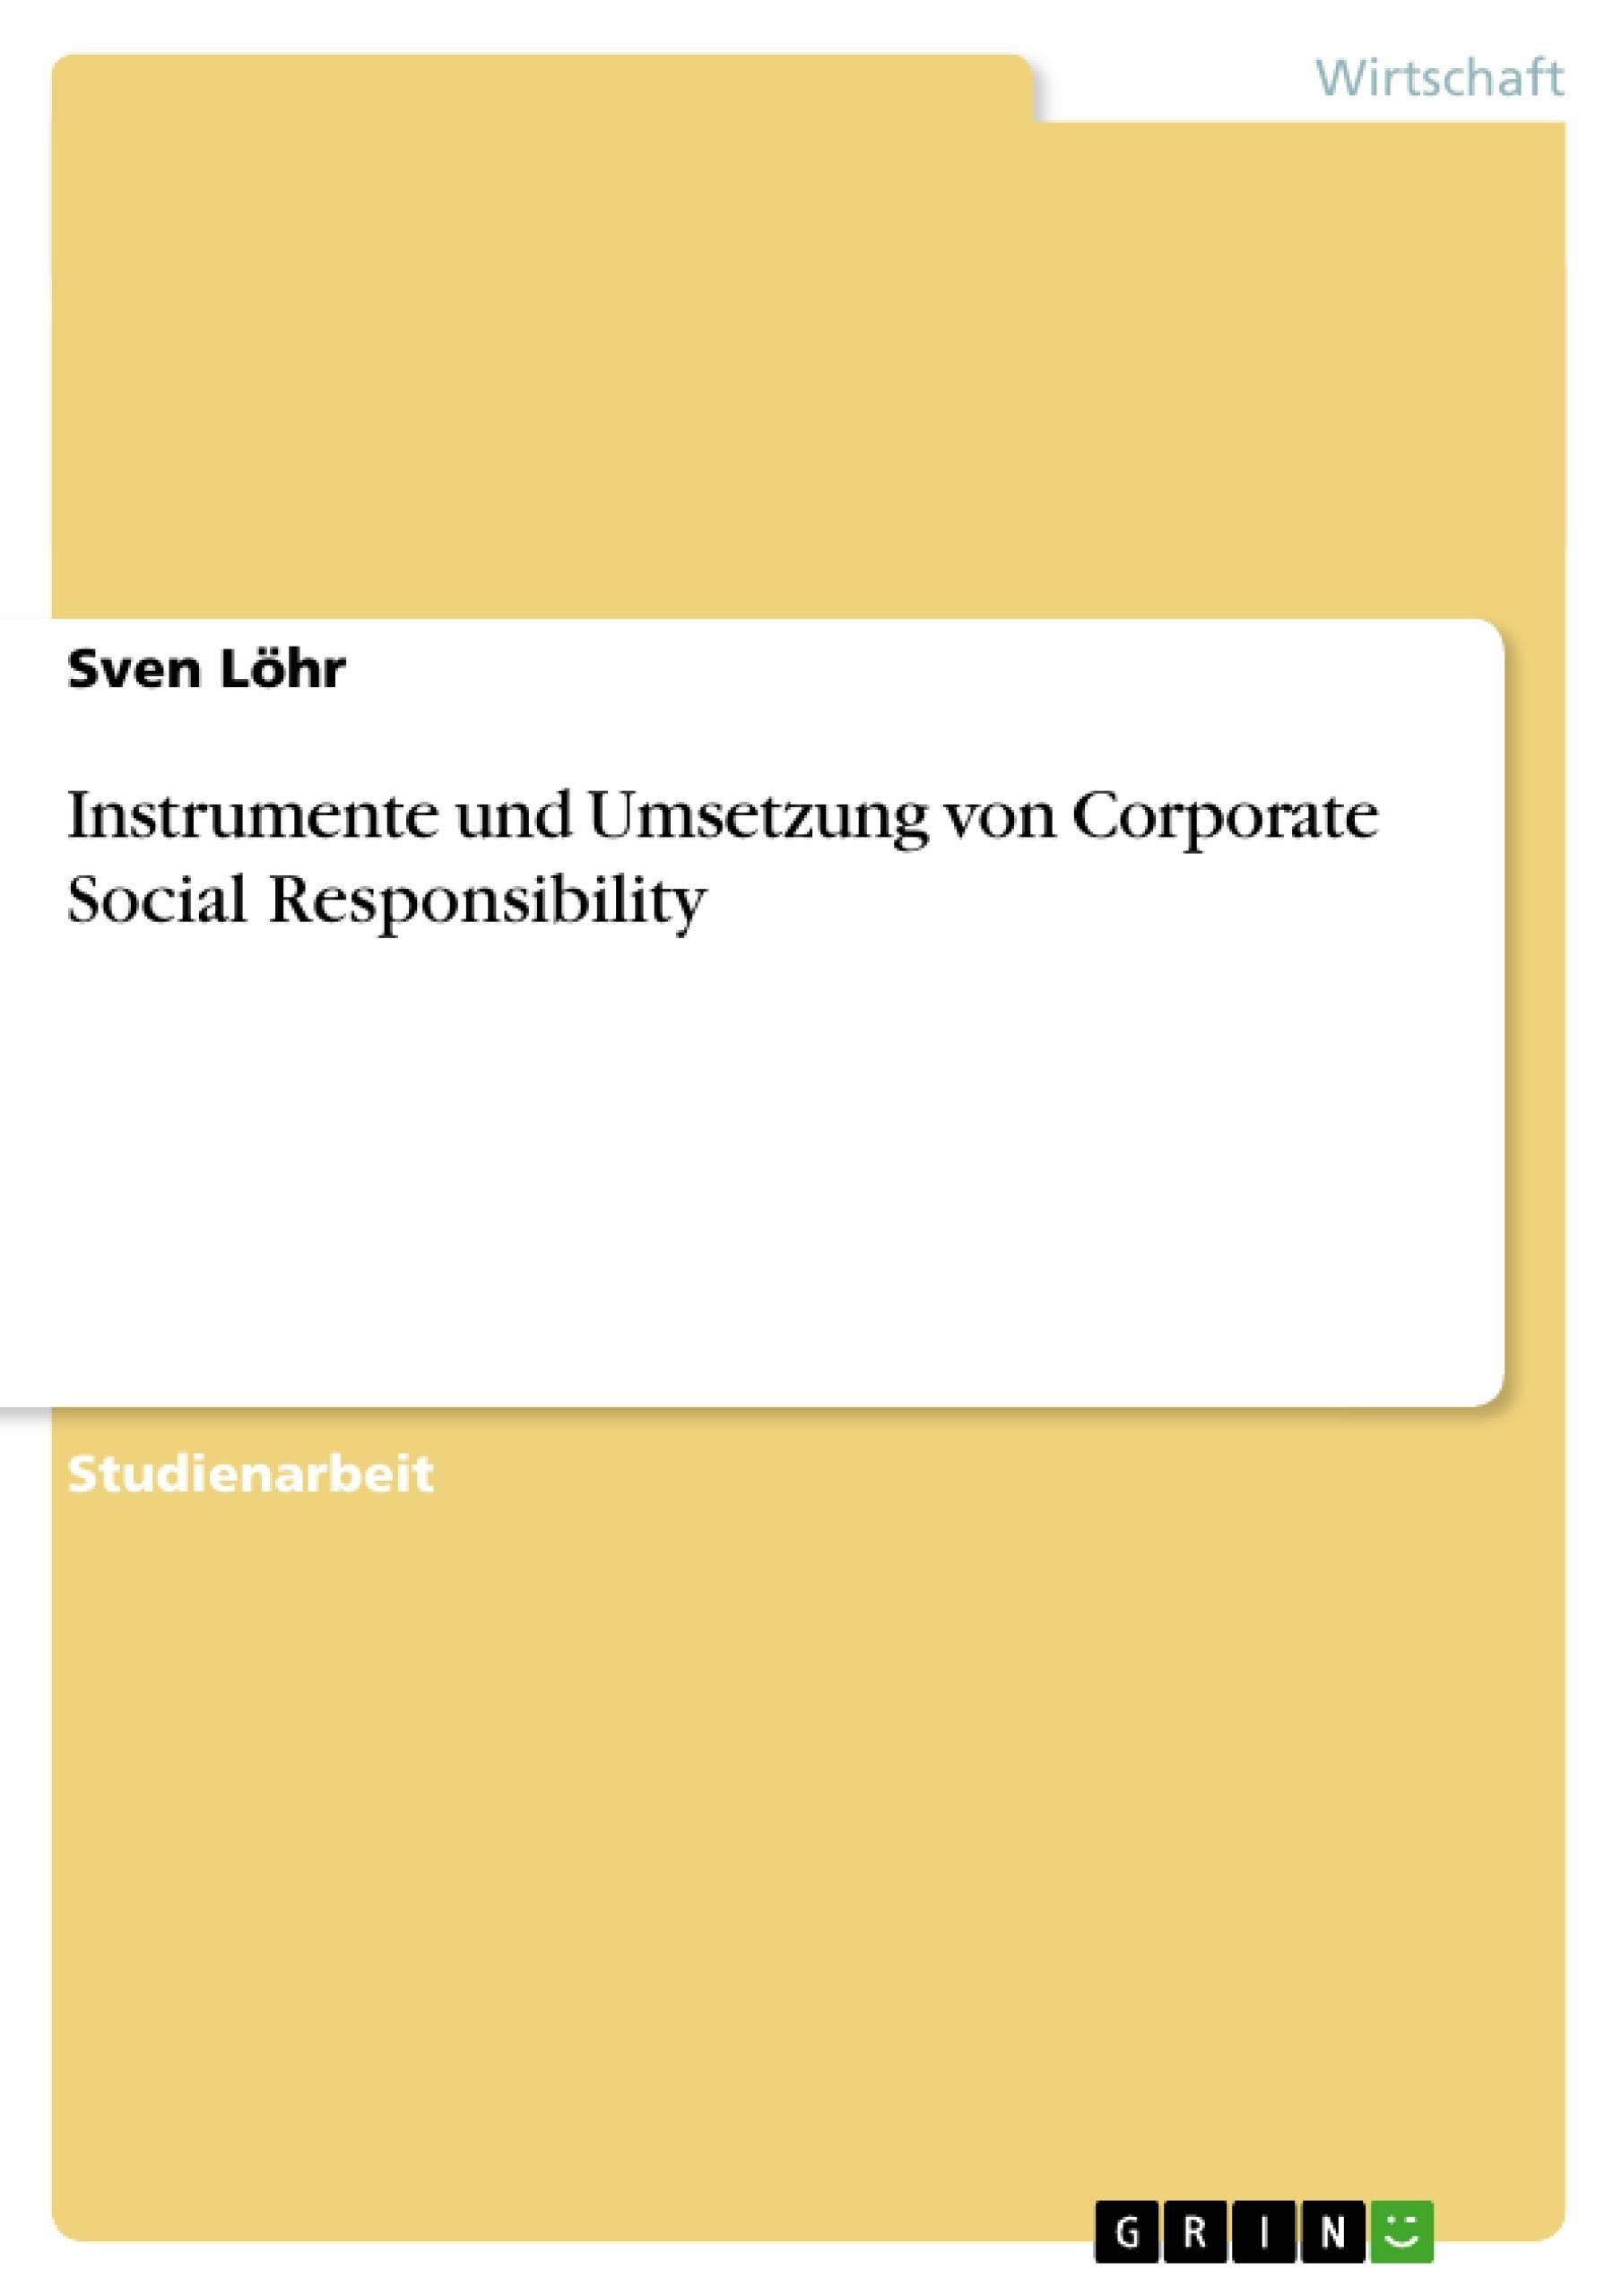 Titel: Instrumente und Umsetzung von Corporate Social Responsibility